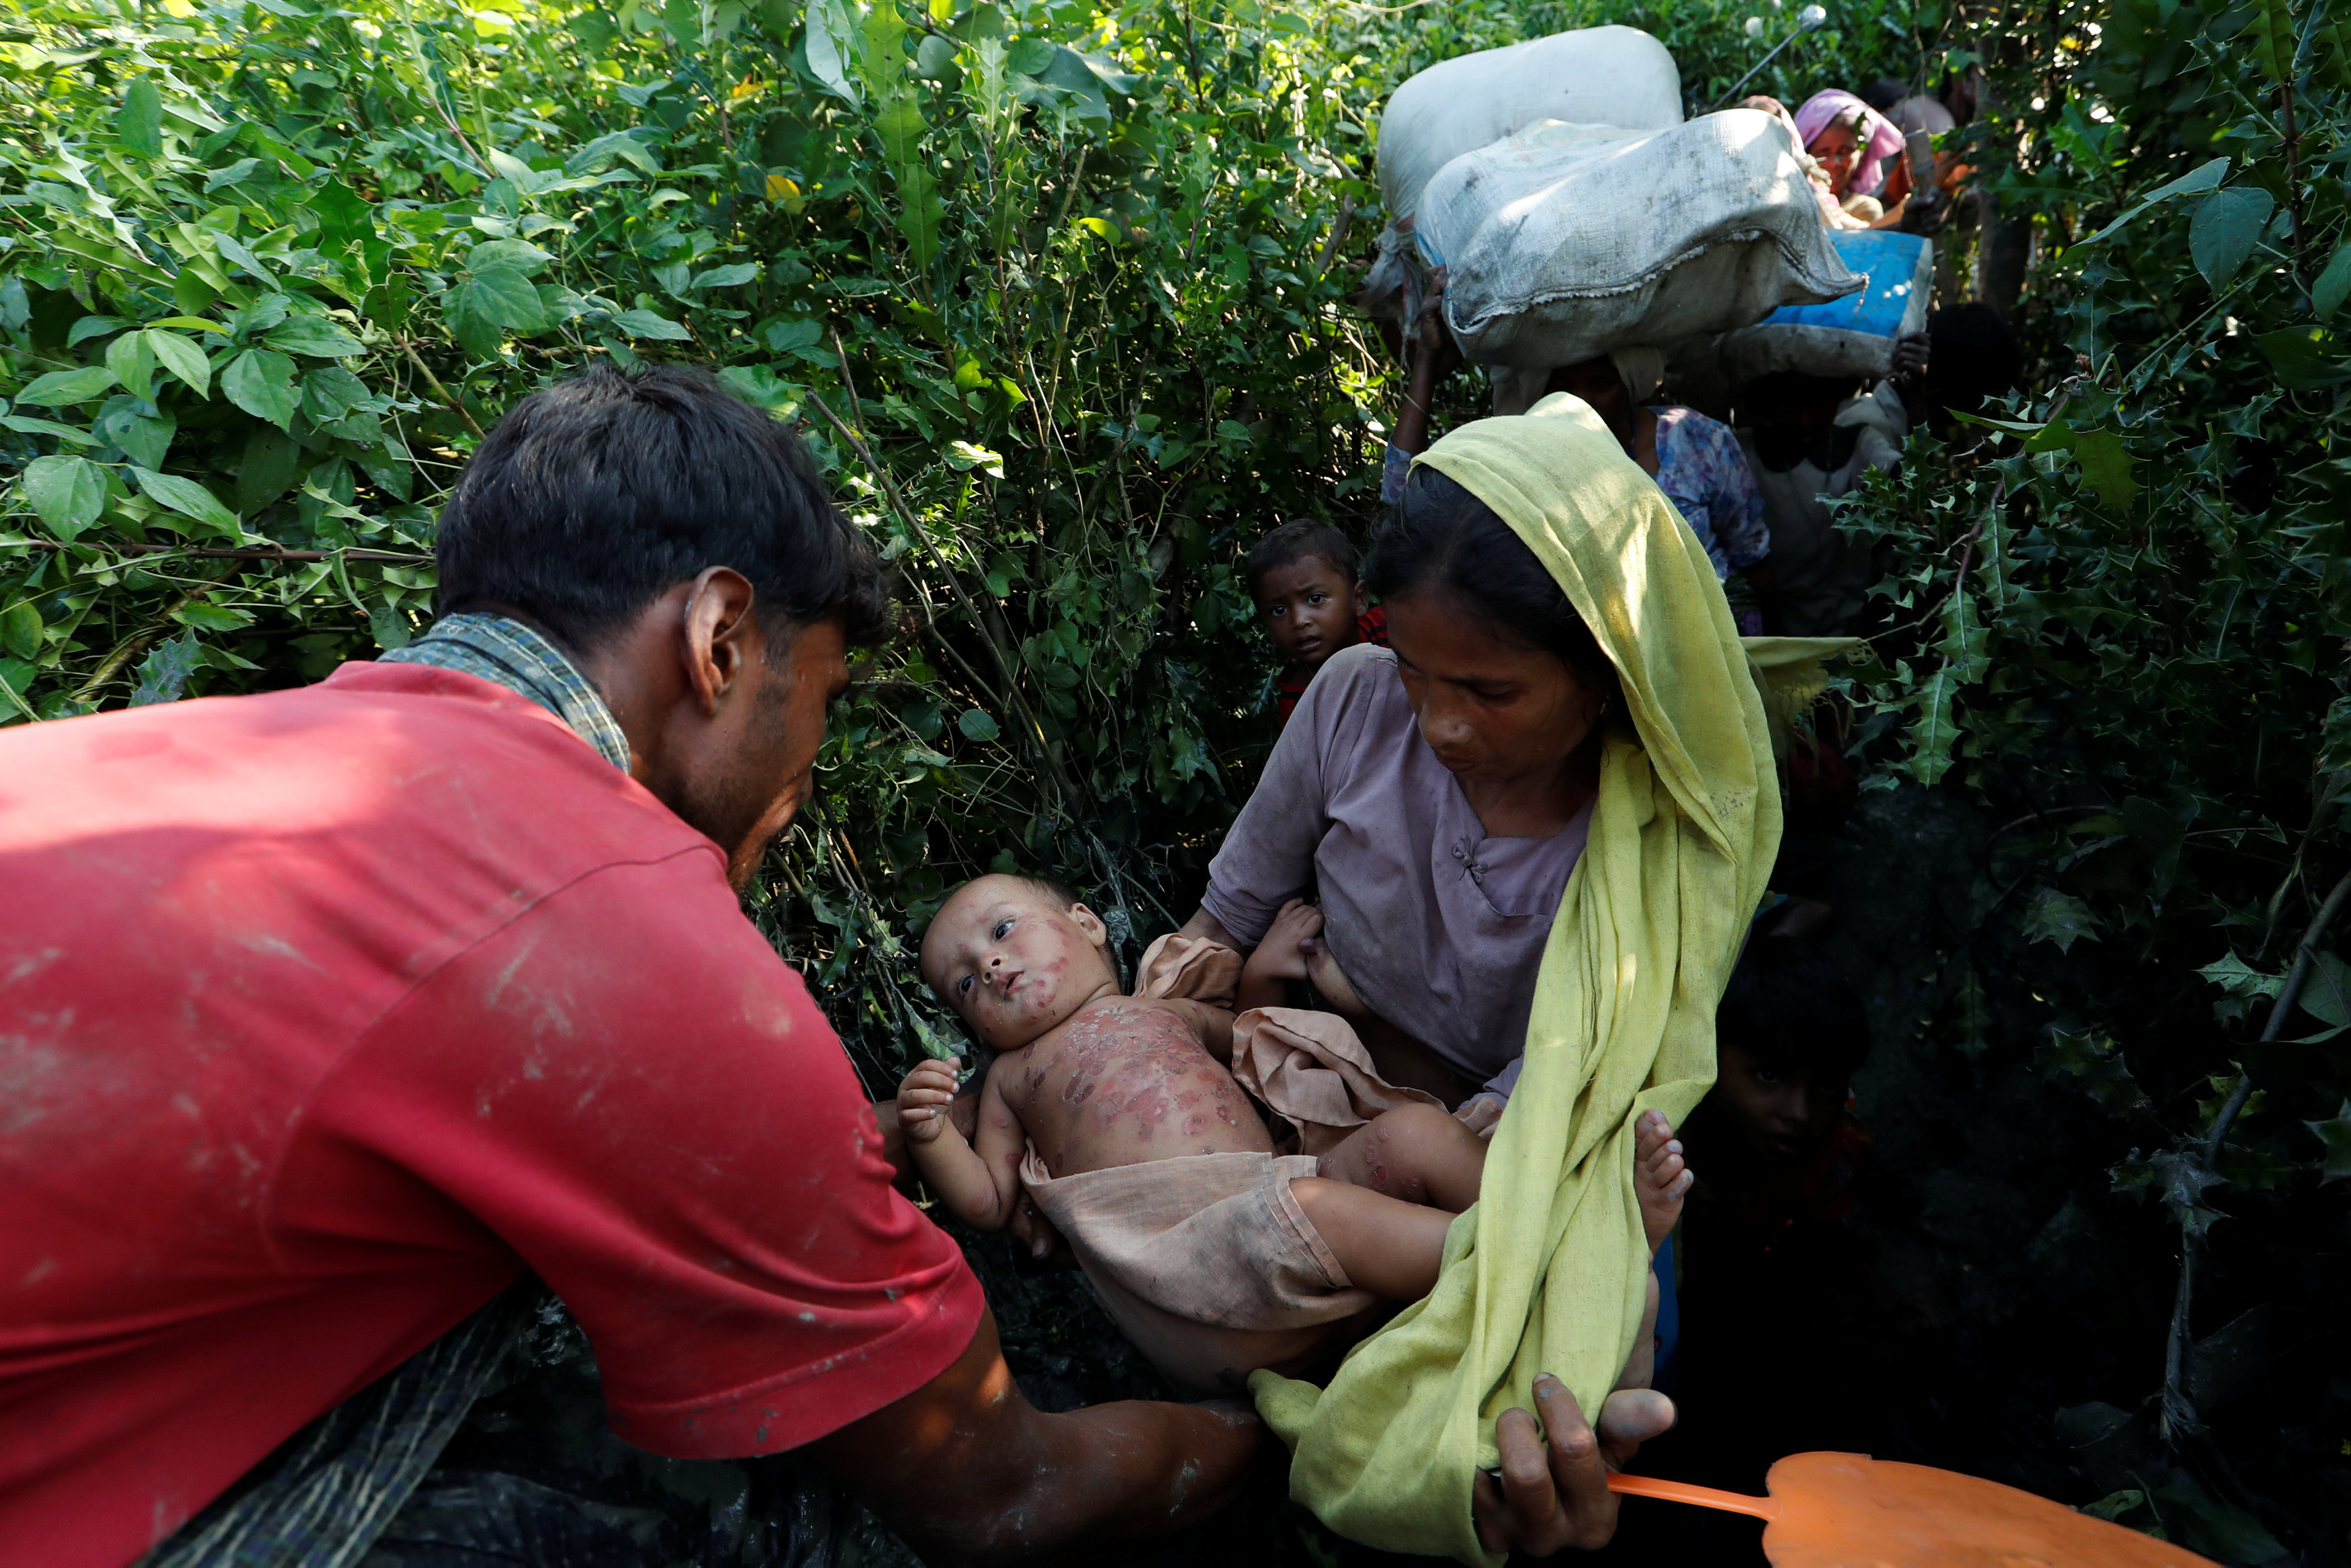 سيدة تحمل طفلها المصاب